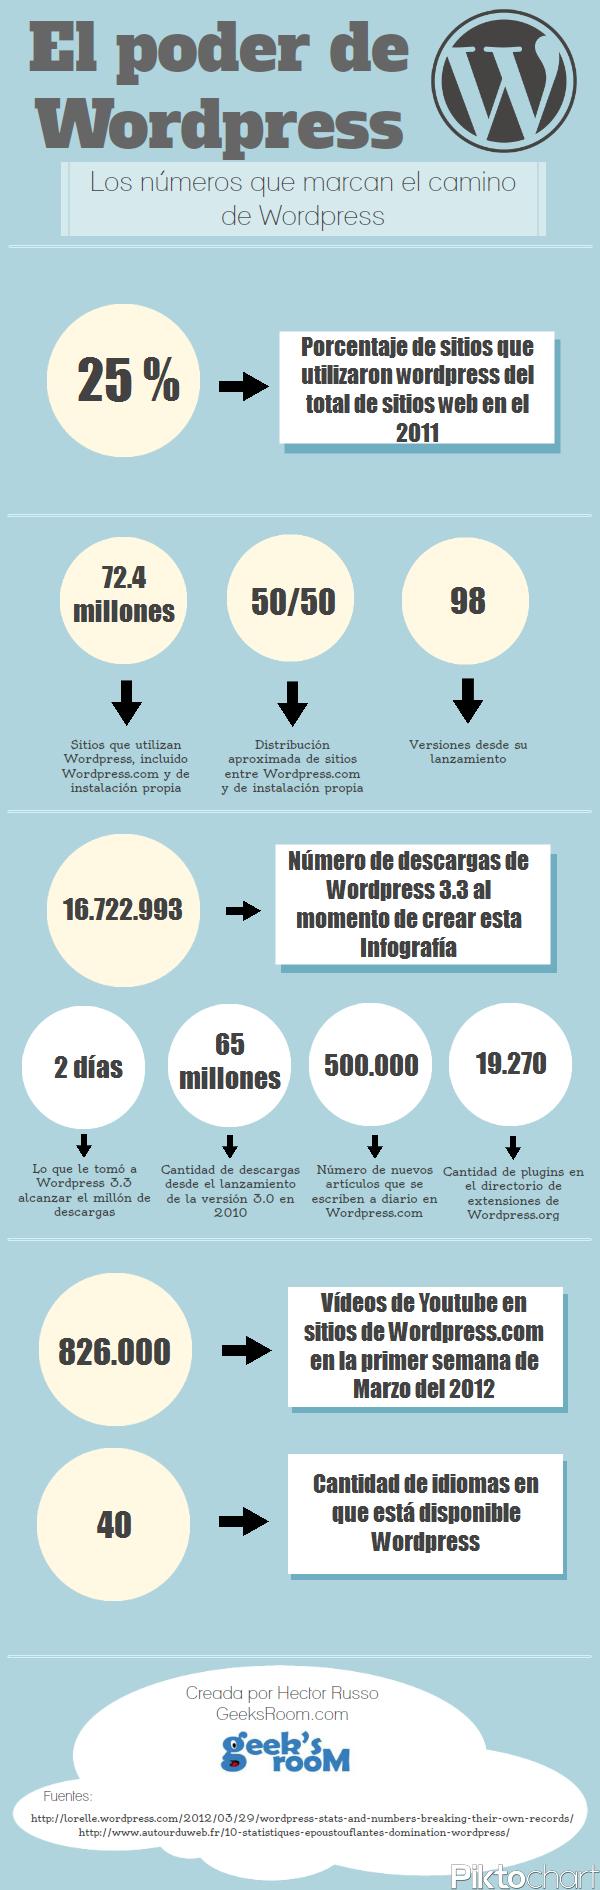 El impacto de WordPress en Internet